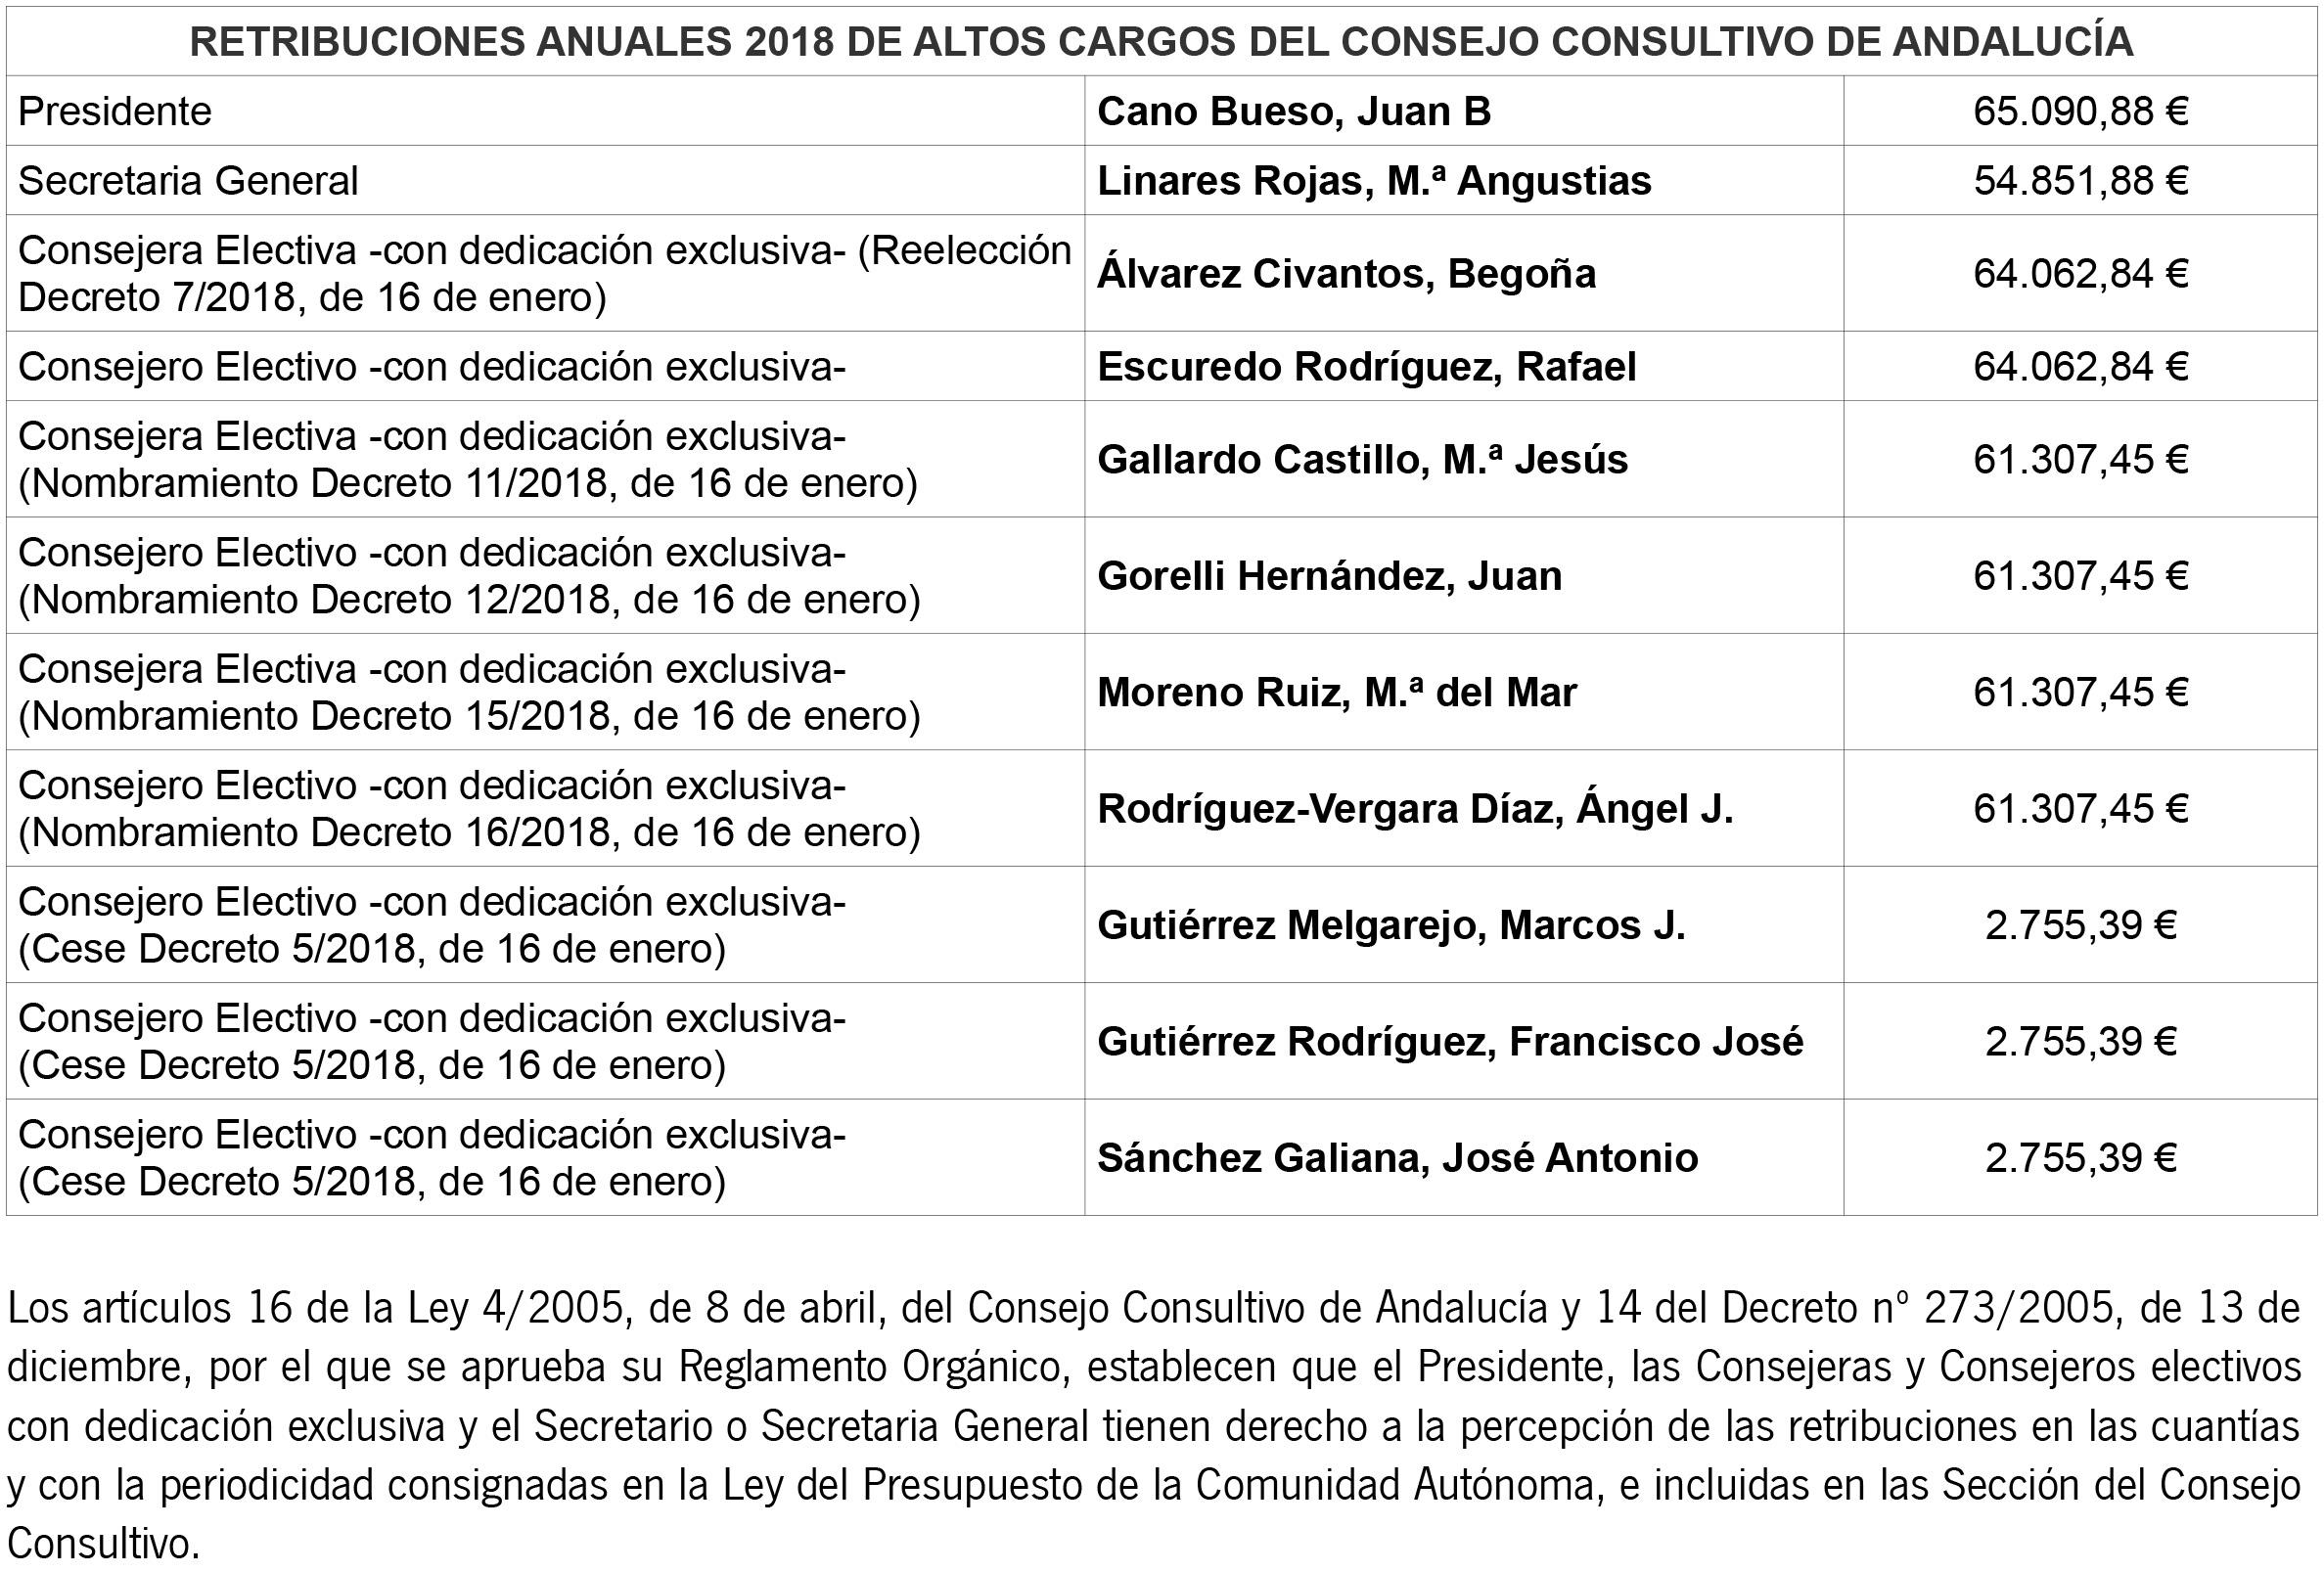 RETRIBUCIONES DE ALTOS CARGOS